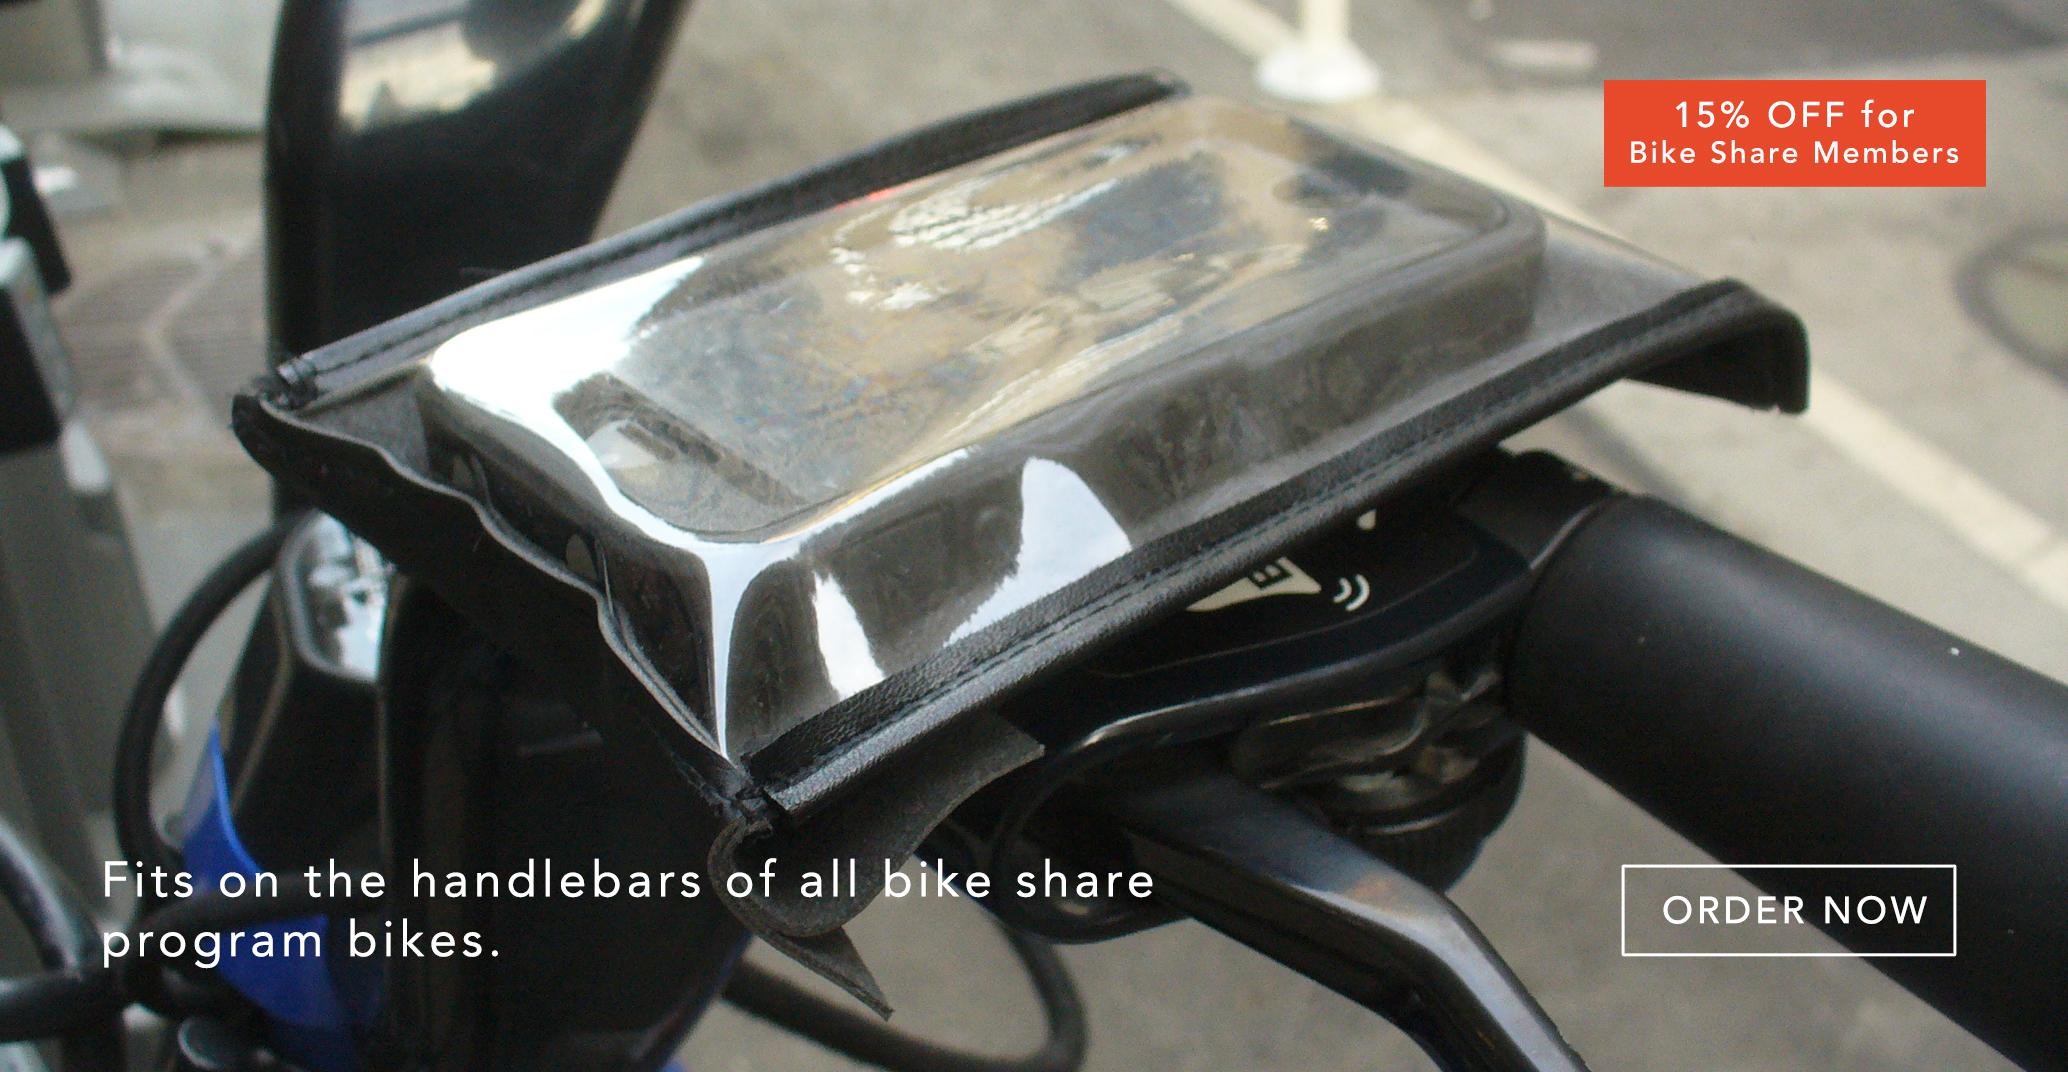 trilloboxoncitibike.jpg